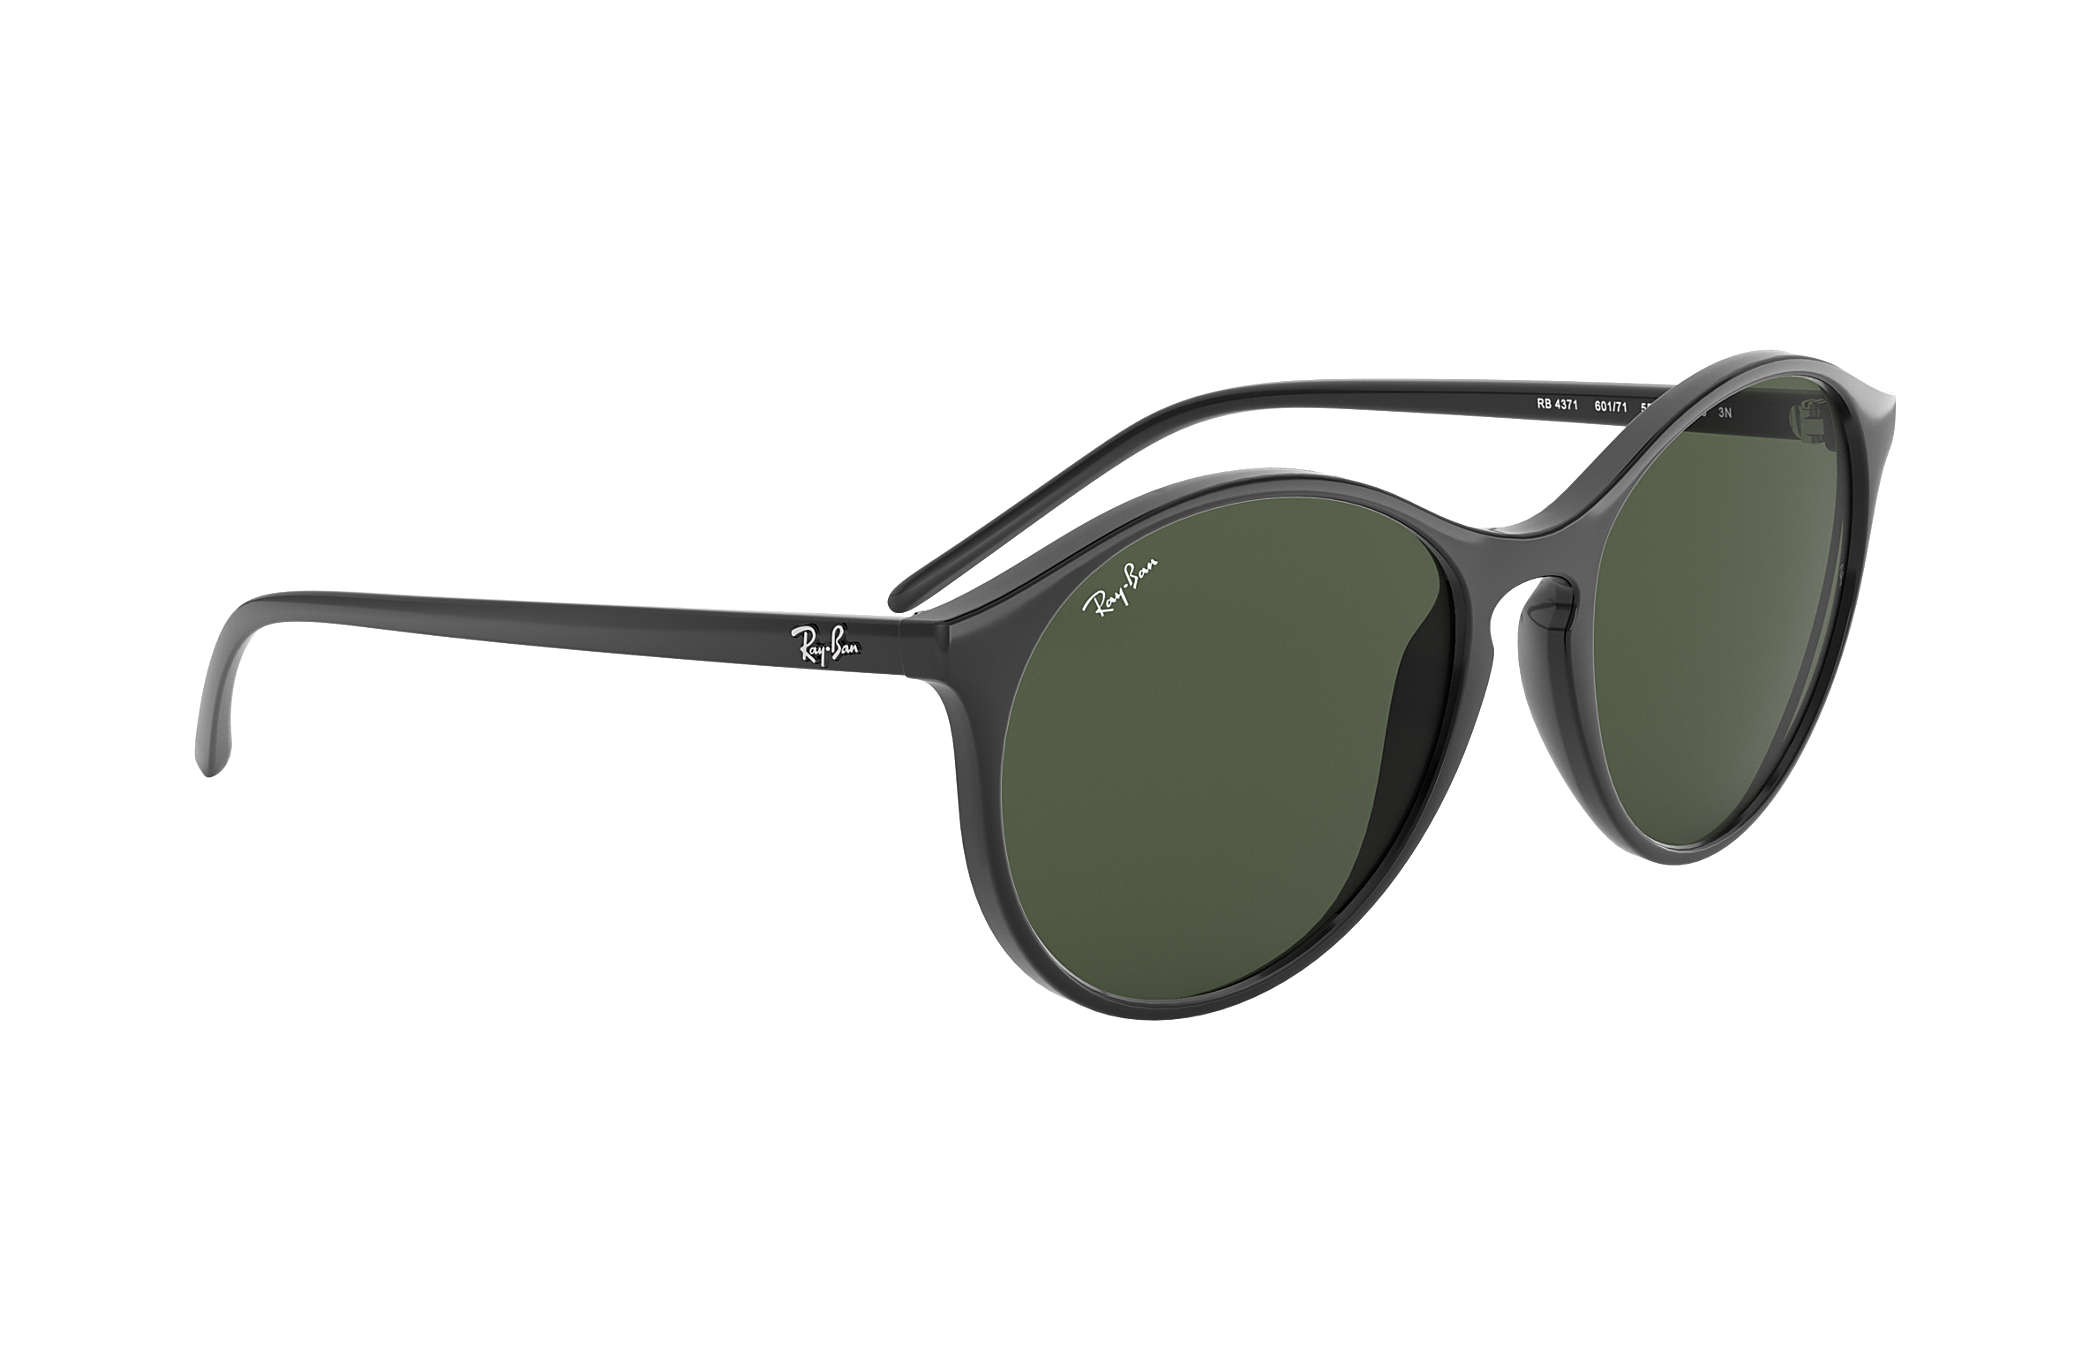 Okulary przeciwsłoneczne Ray Ban 4371 kolor 60171 rozmiar 55